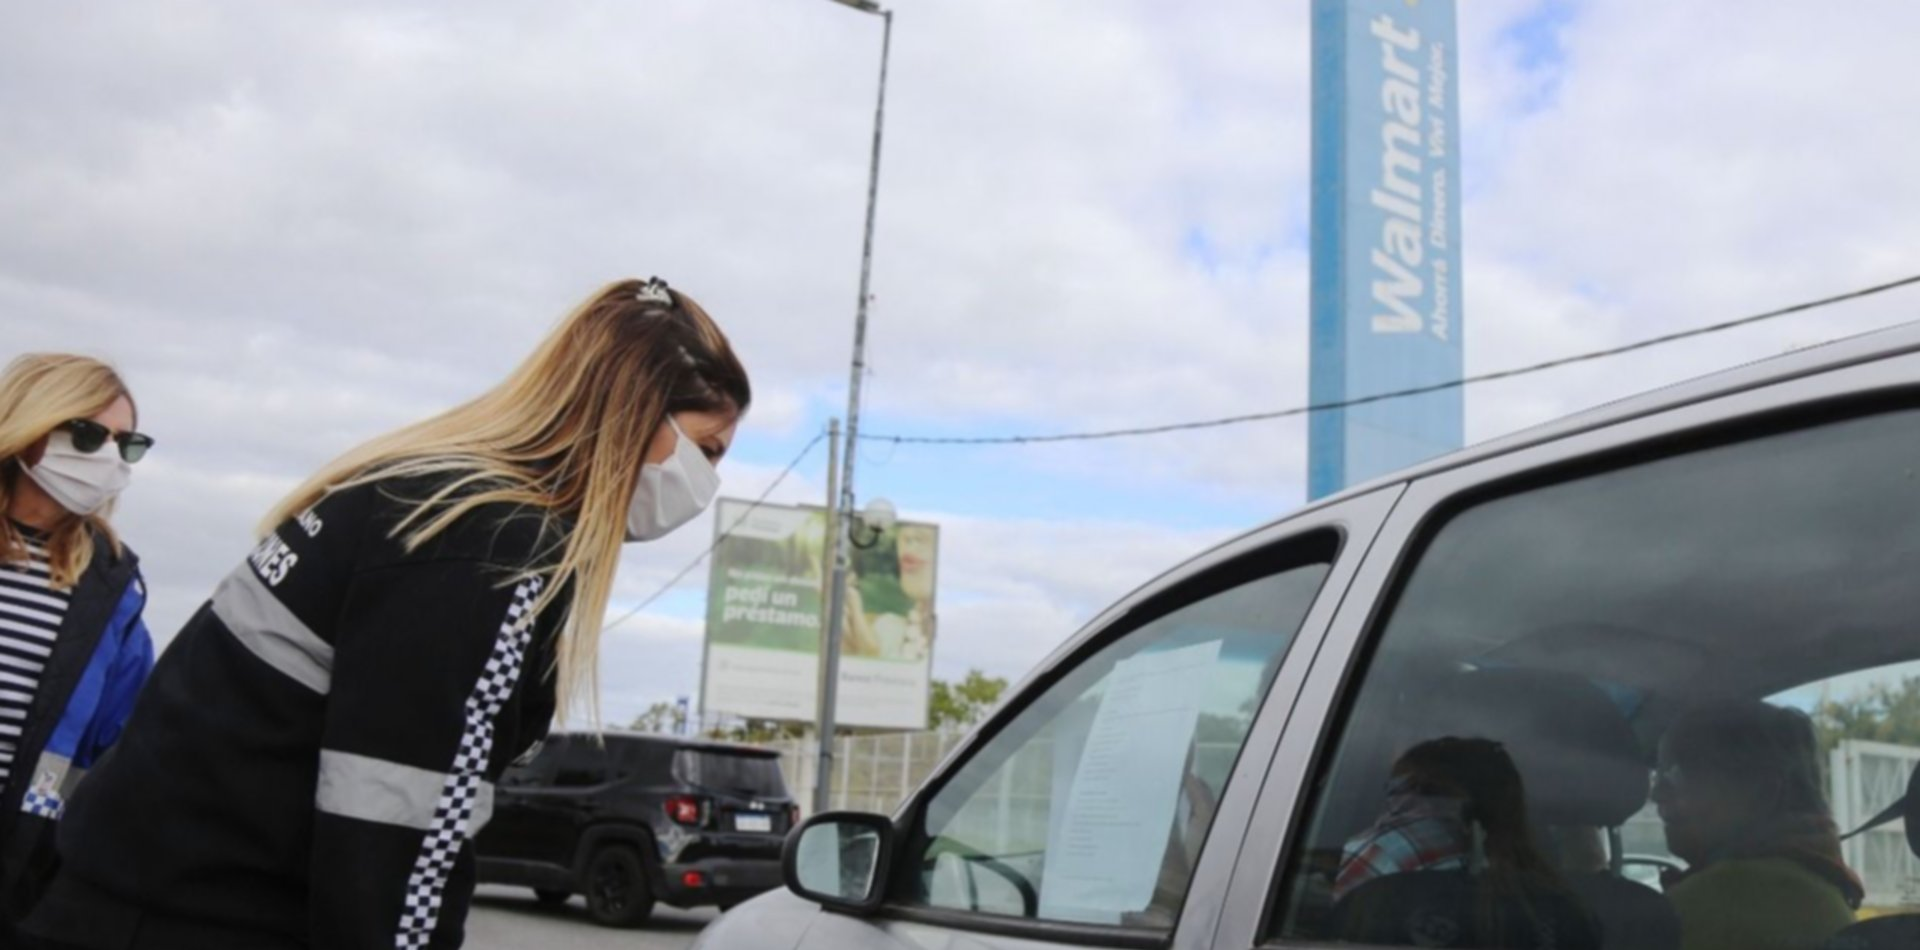 Refuerzan controles en La Plata y en Carrefour, Walmart y Nini solo se podrá entrar de a una persona por auto